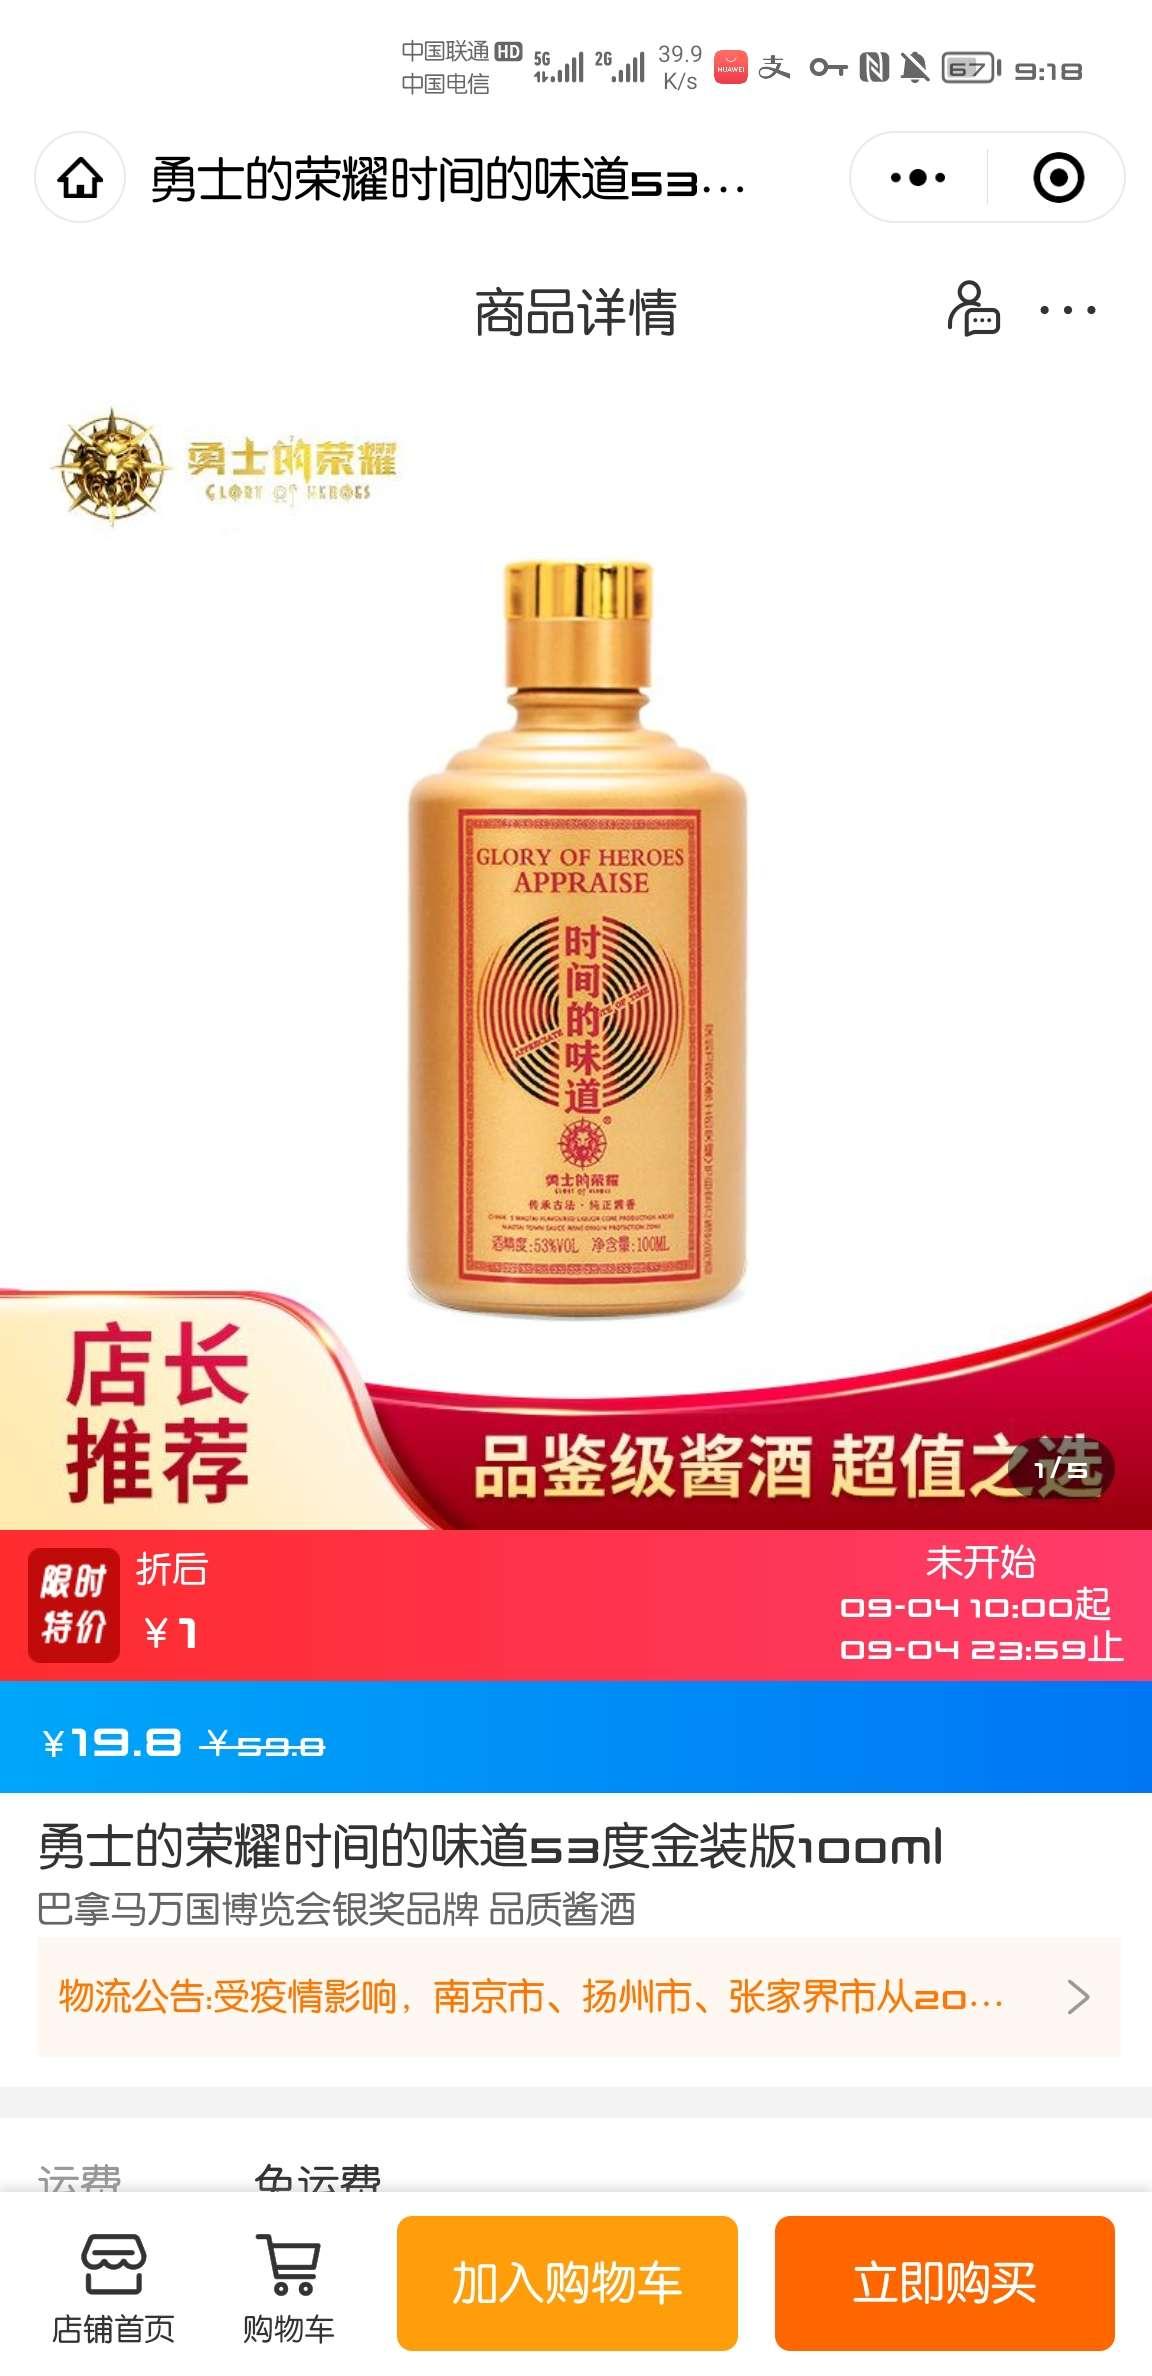 【虚拟商品】1元购使用价值19.8元时间的味道53度纯粮酒插图